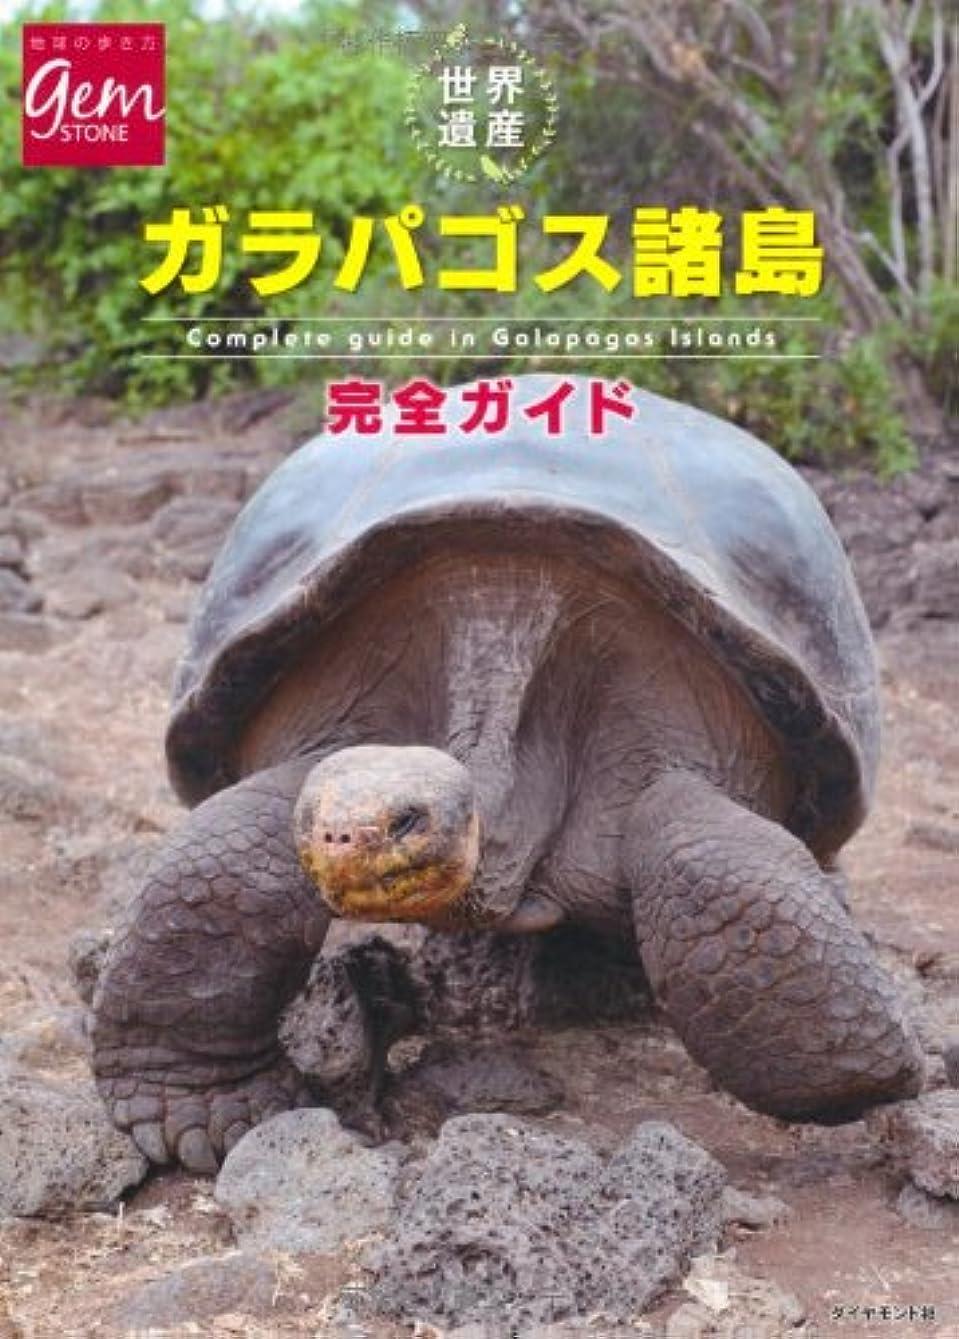 会議バケット取り組む世界遺産 ガラパゴス諸島完全ガイド (Gem Stone)